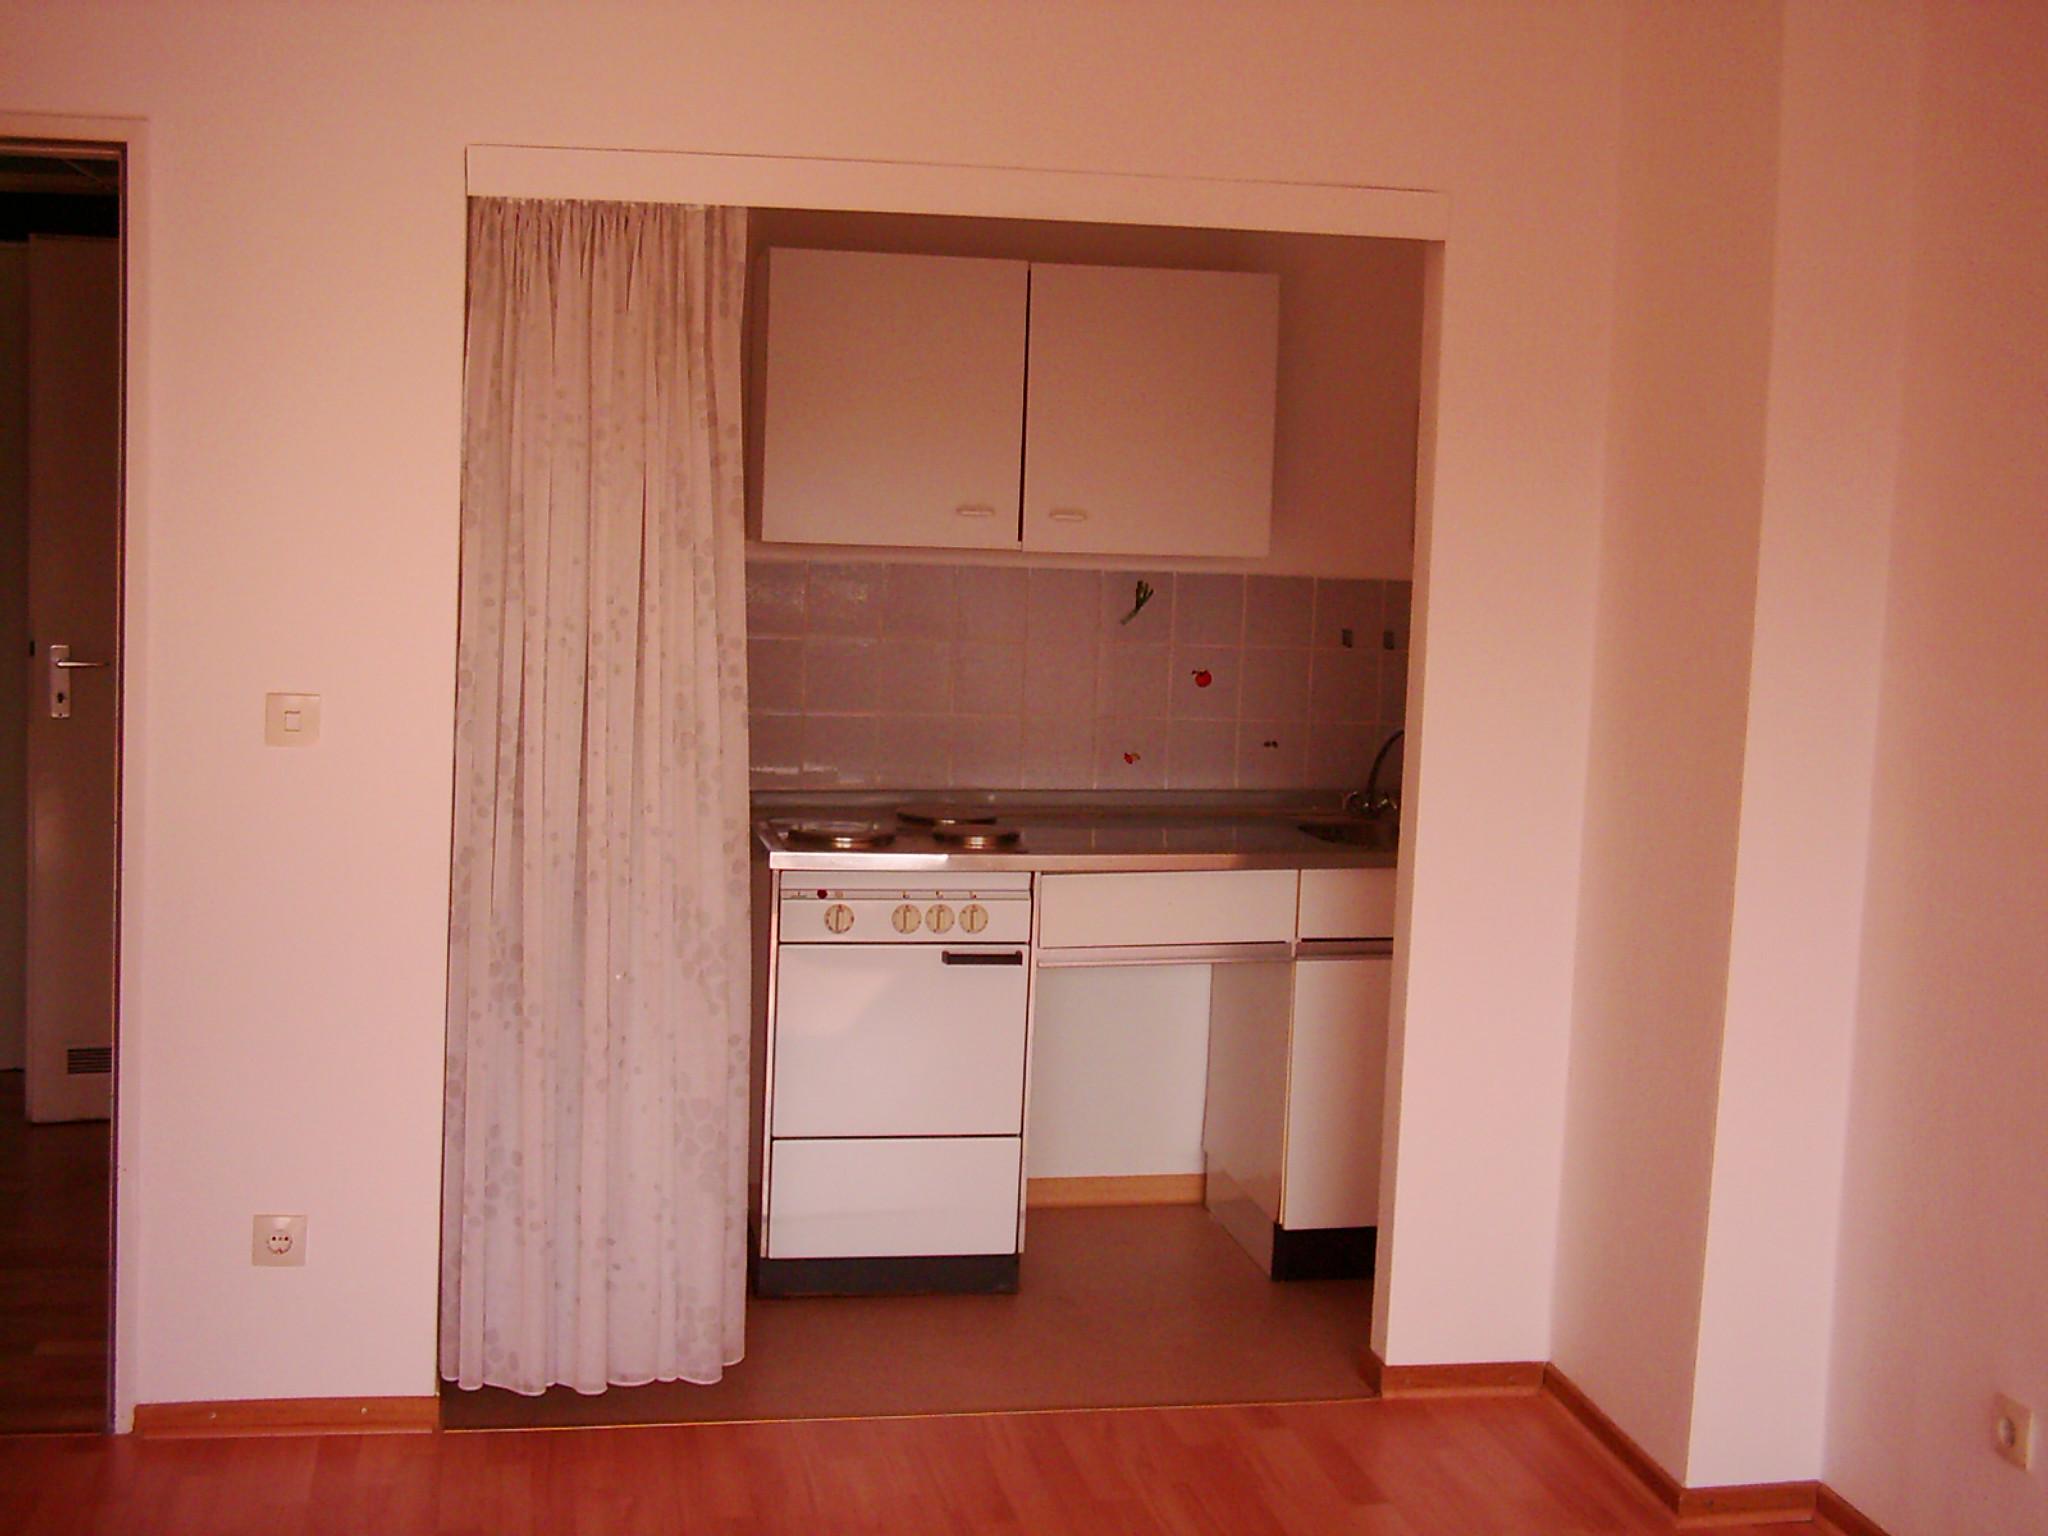 Wohnung mieten d hren wohnungen suchen wohnungen for Wohnung mieten suchen